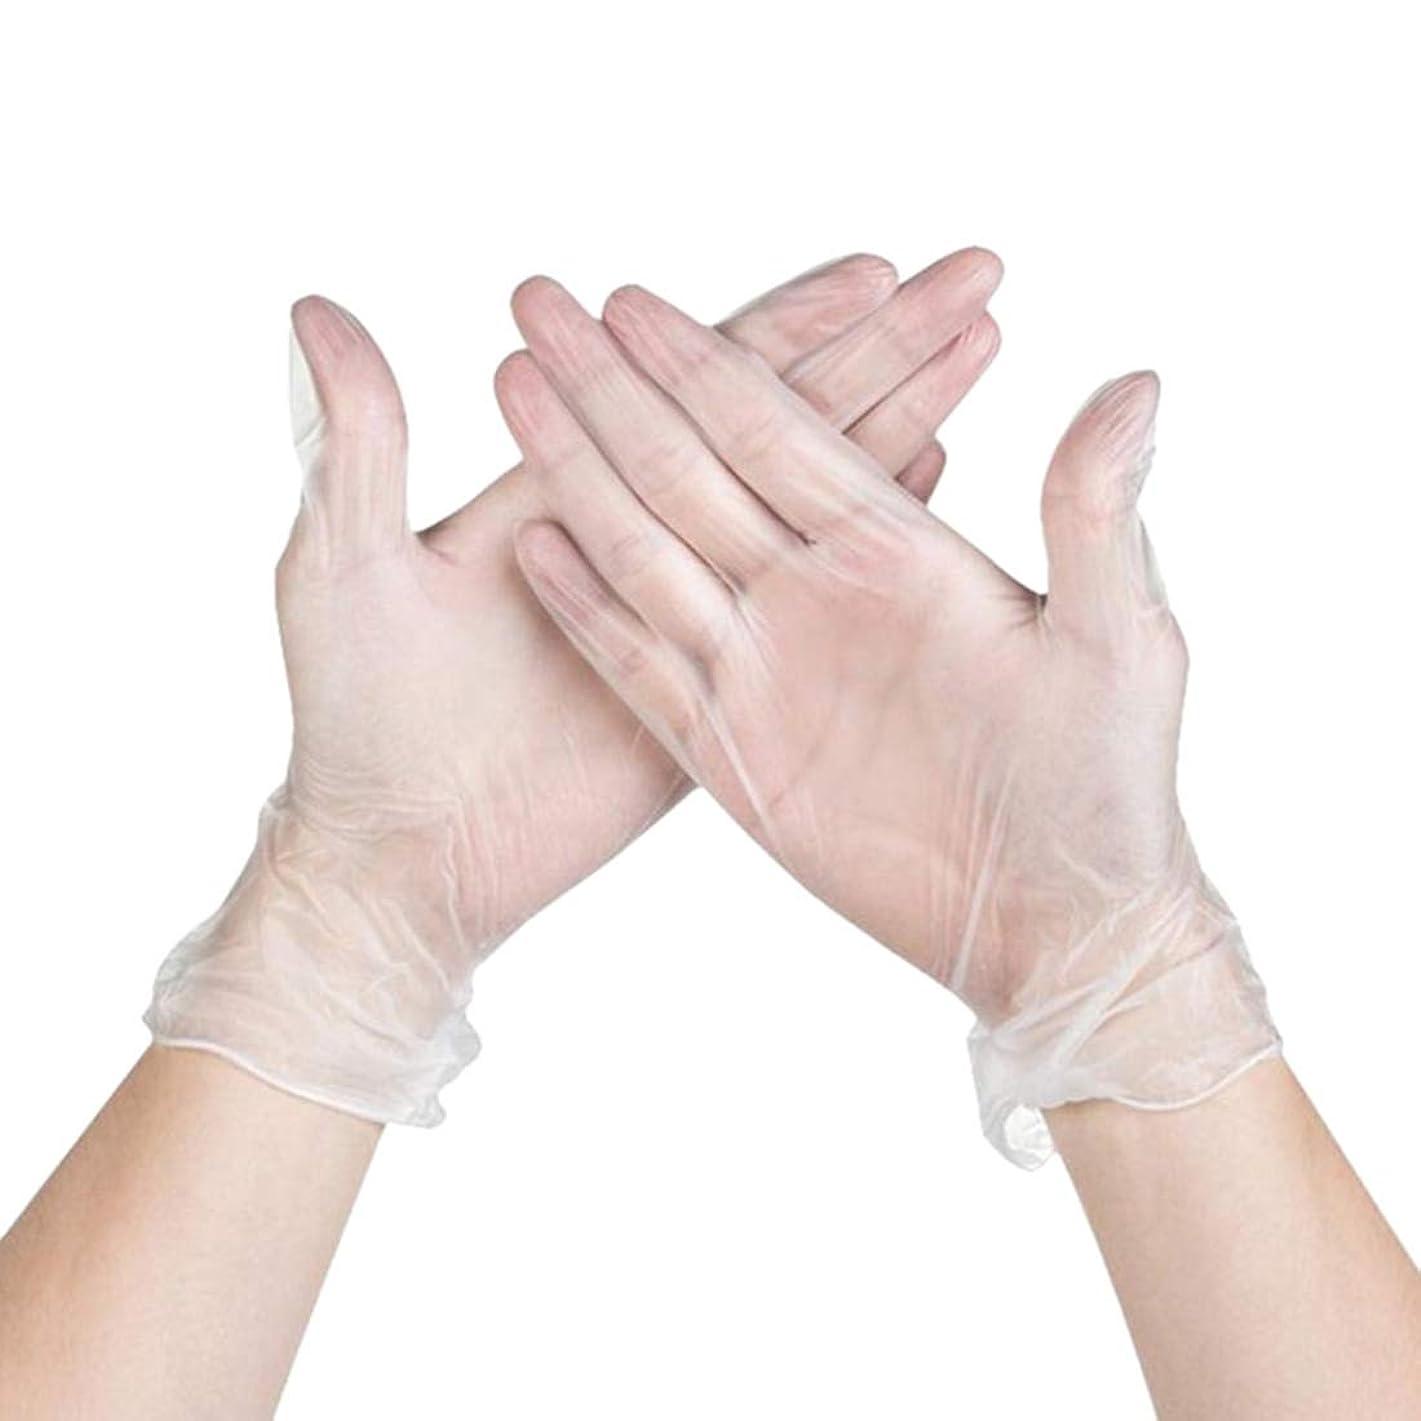 歯車ゴネリル変えるPinji 使い捨て手袋 100枚入 透明 手袋 ポリエチレン 左右兼用 薄型 グローブ PVC手袋 耐油 料理 掃除 衛生 ホワイト 実用 医療 美容 科学実験 M